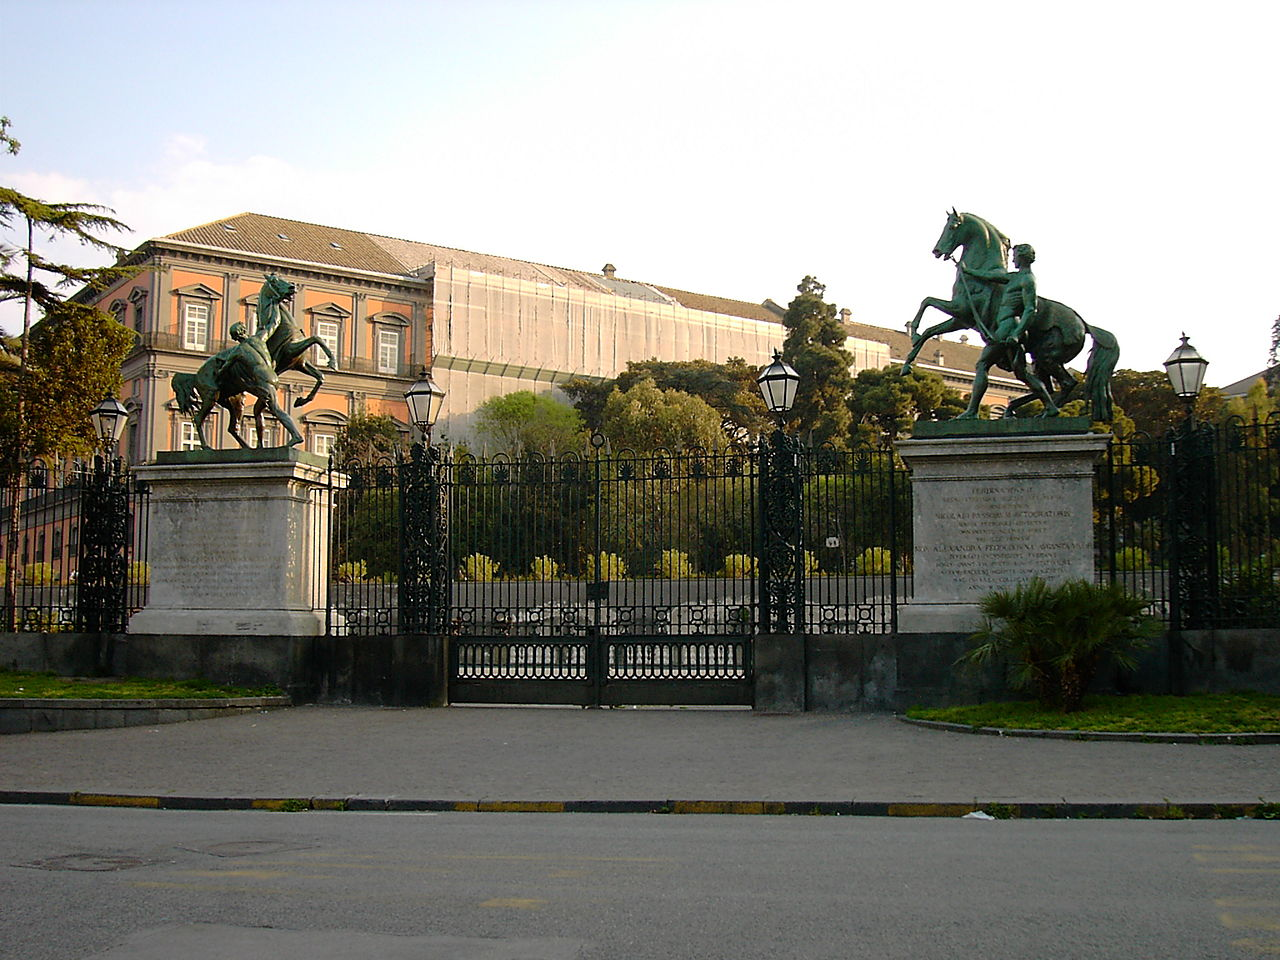 Королевский дворец в Неаполе, конные статуи с Аничкова моста по сторонам садовых ворот